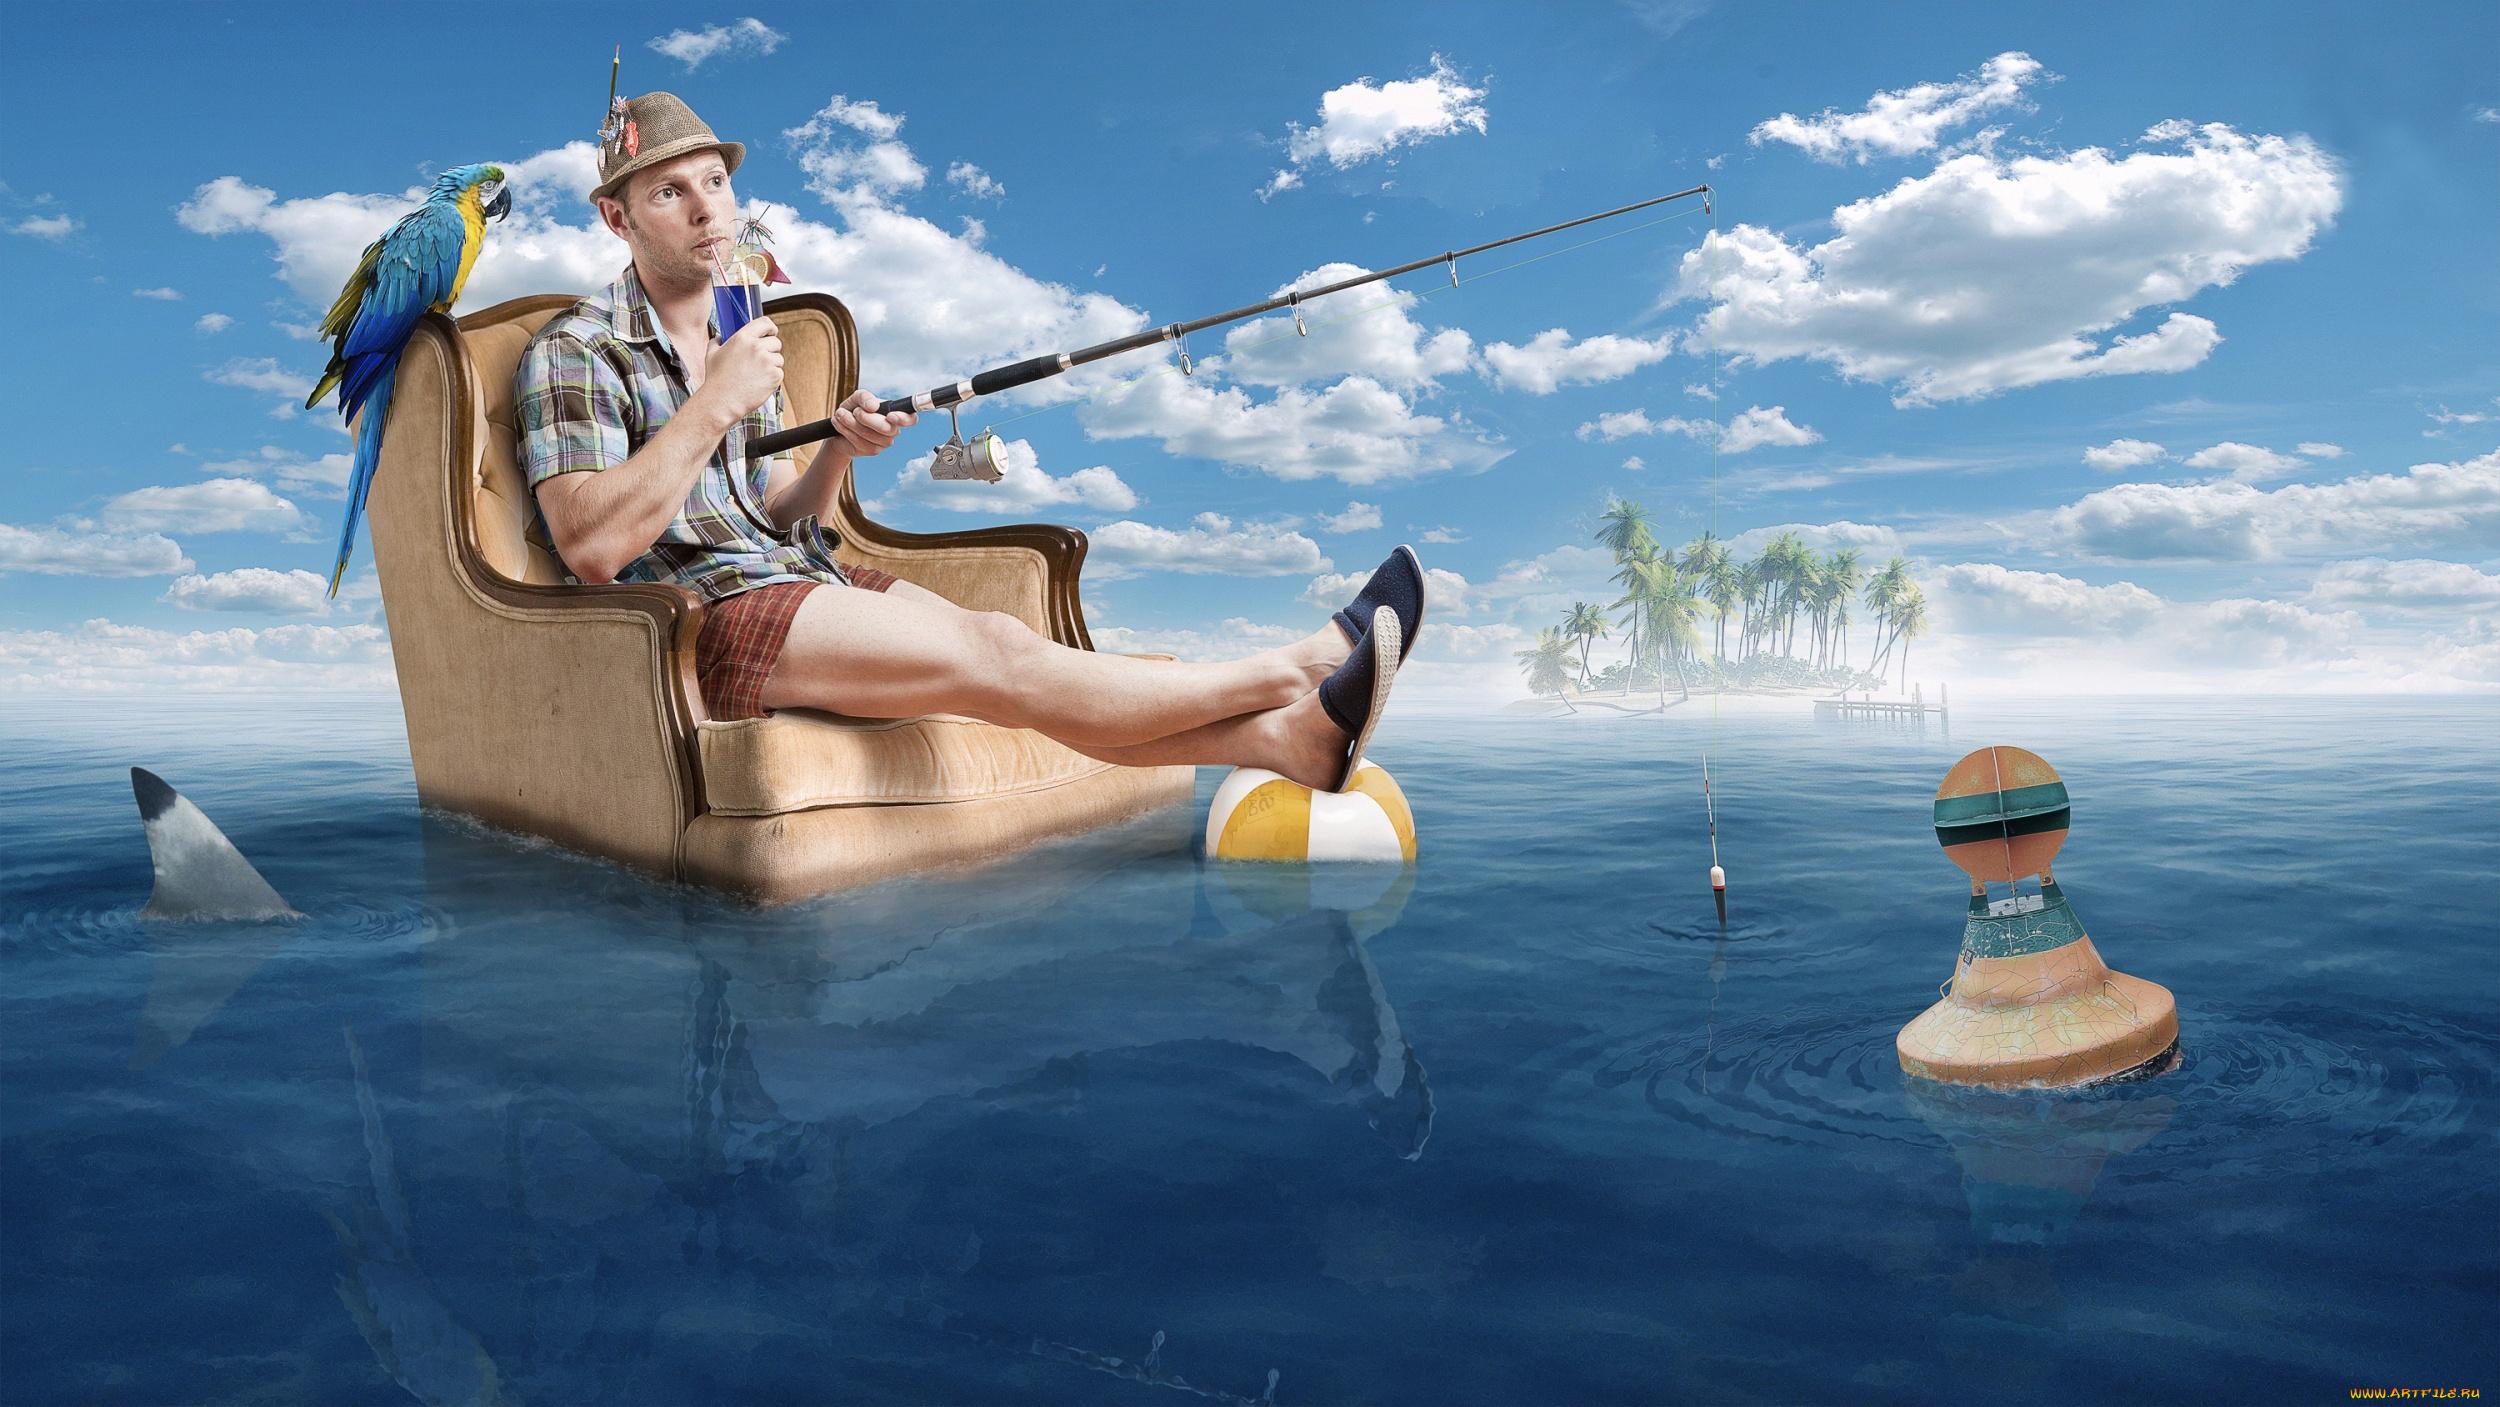 Морские прикольные картинки рыбаков, лучшие картинки